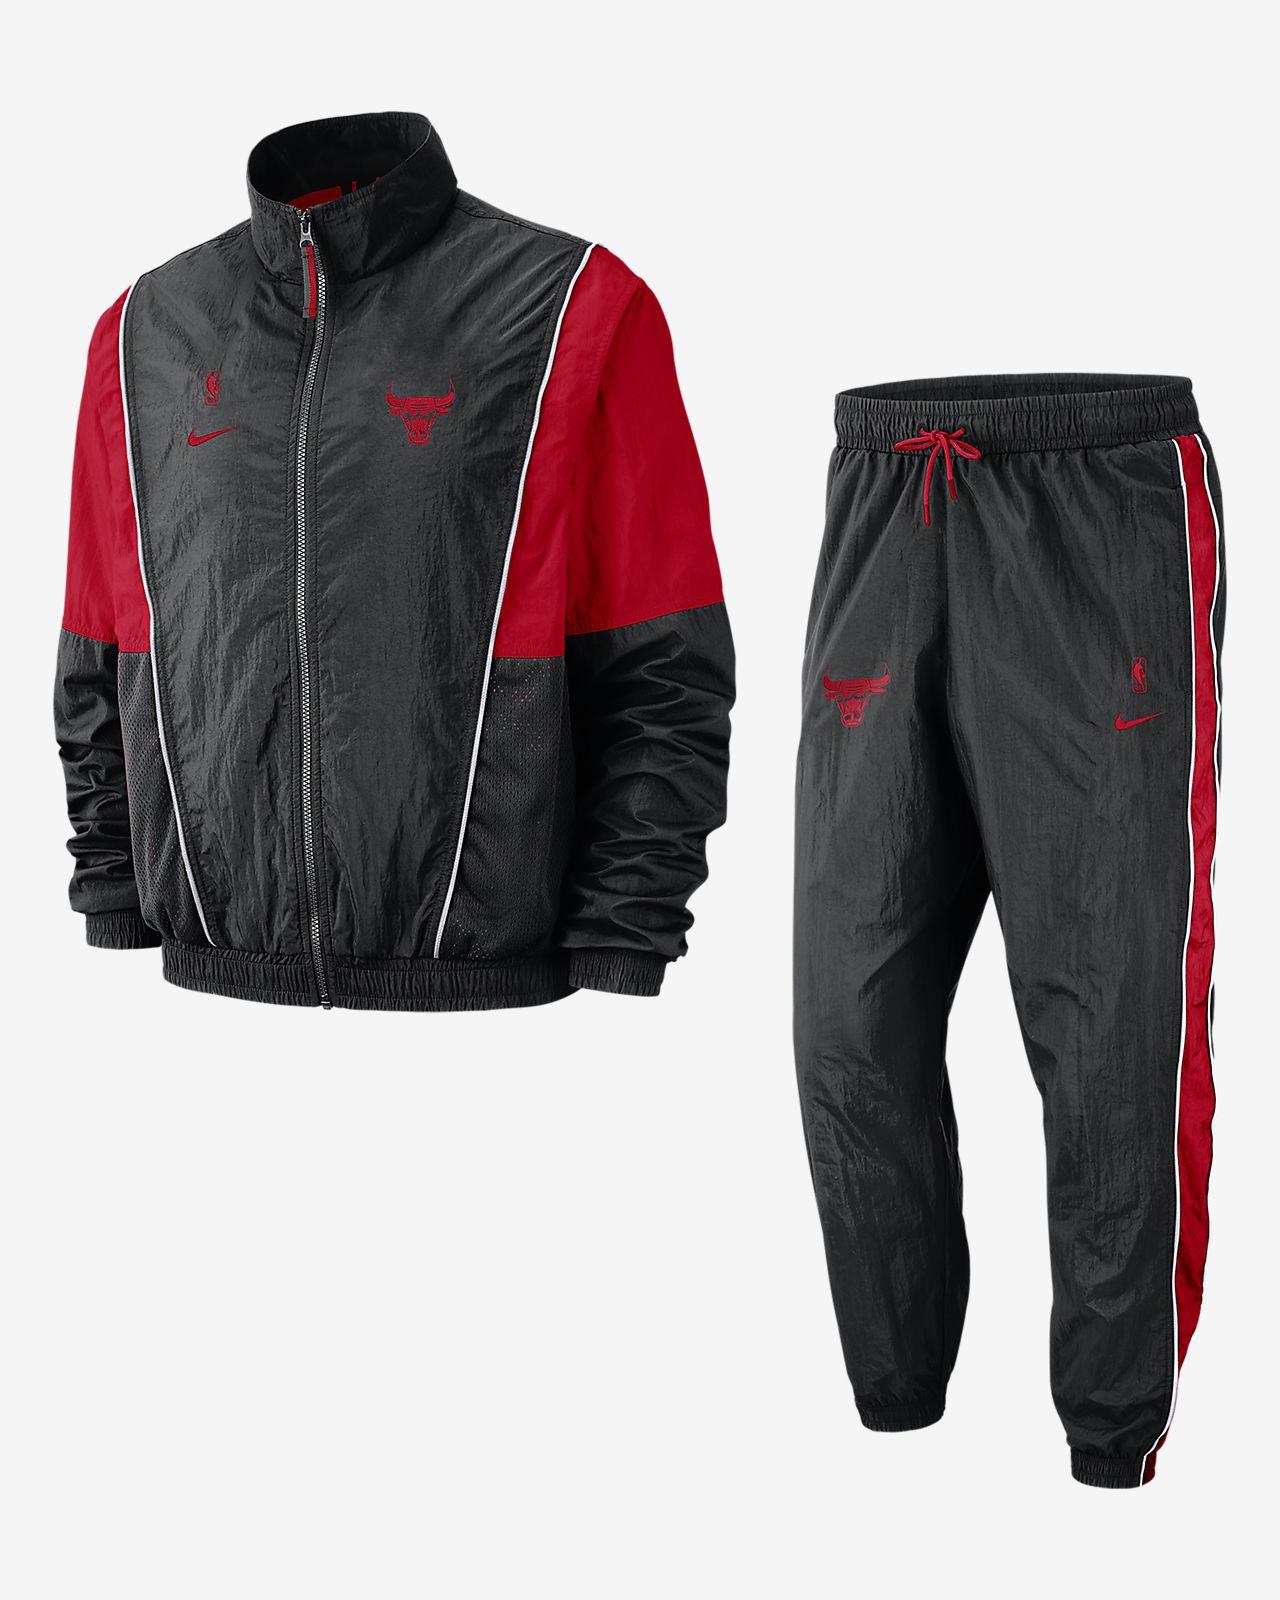 Survêtement NBA Chicago Bulls Nike pour Homme